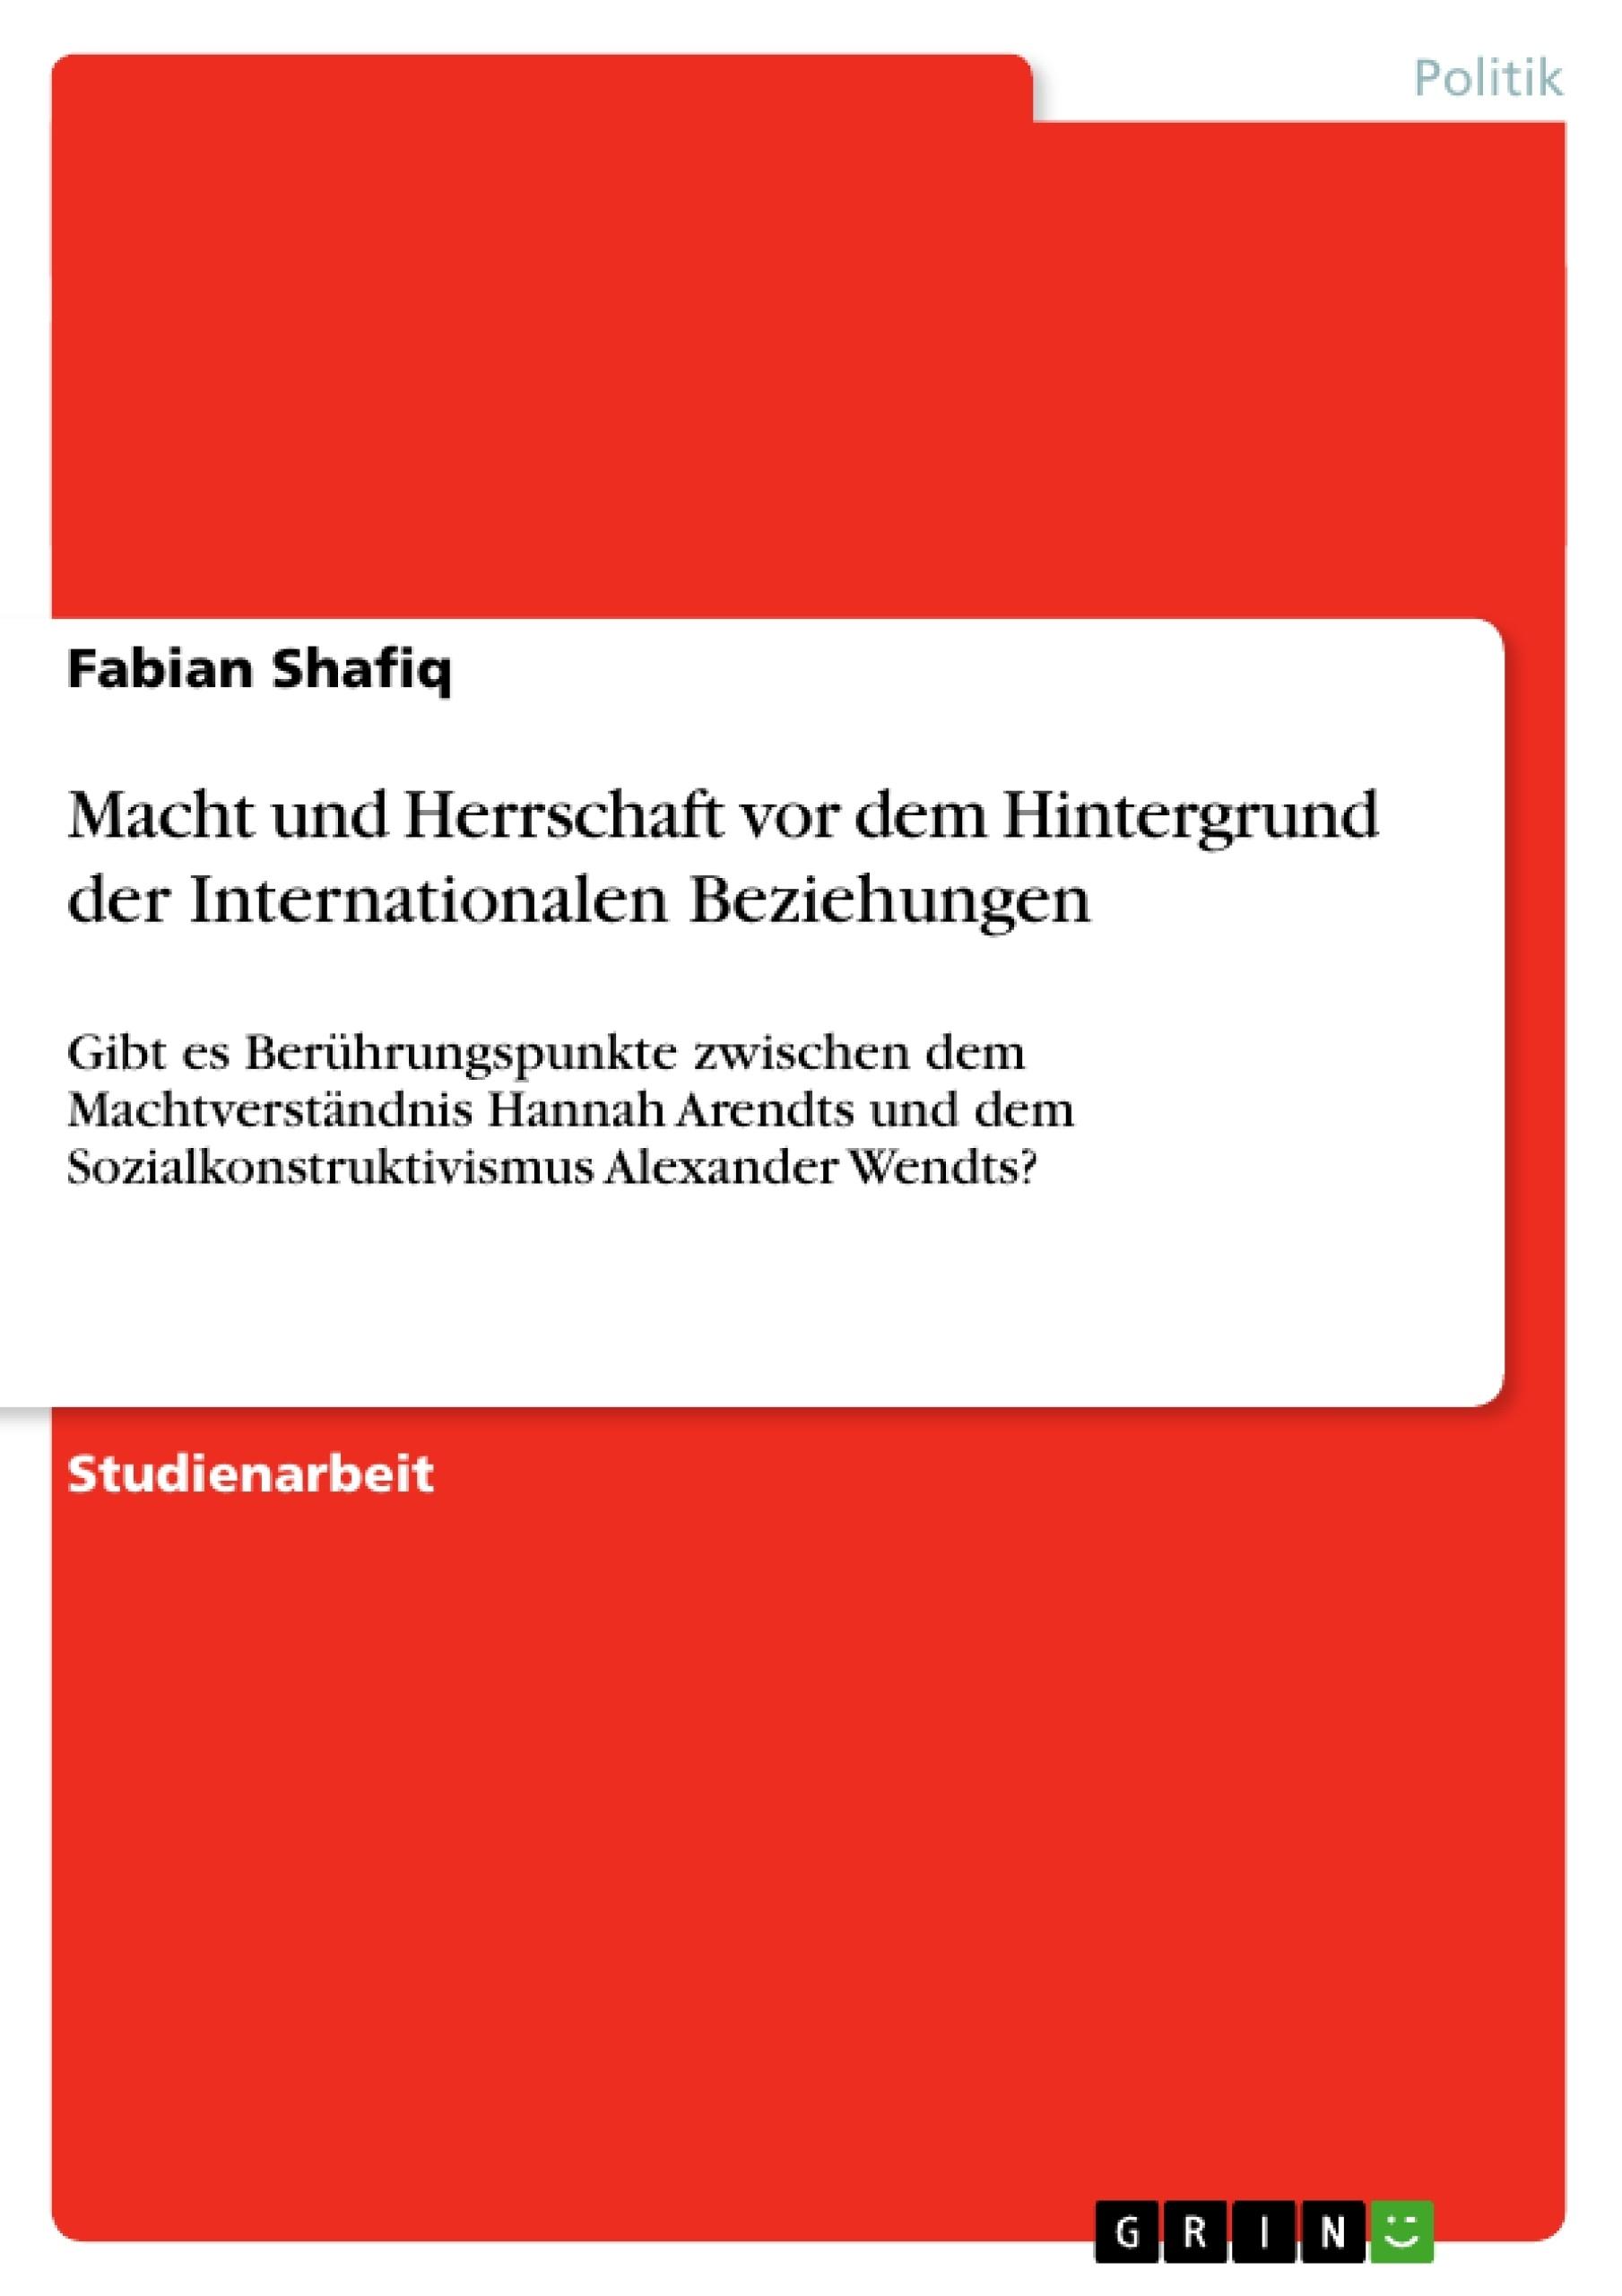 Titel: Macht und Herrschaft vor dem Hintergrund der Internationalen Beziehungen